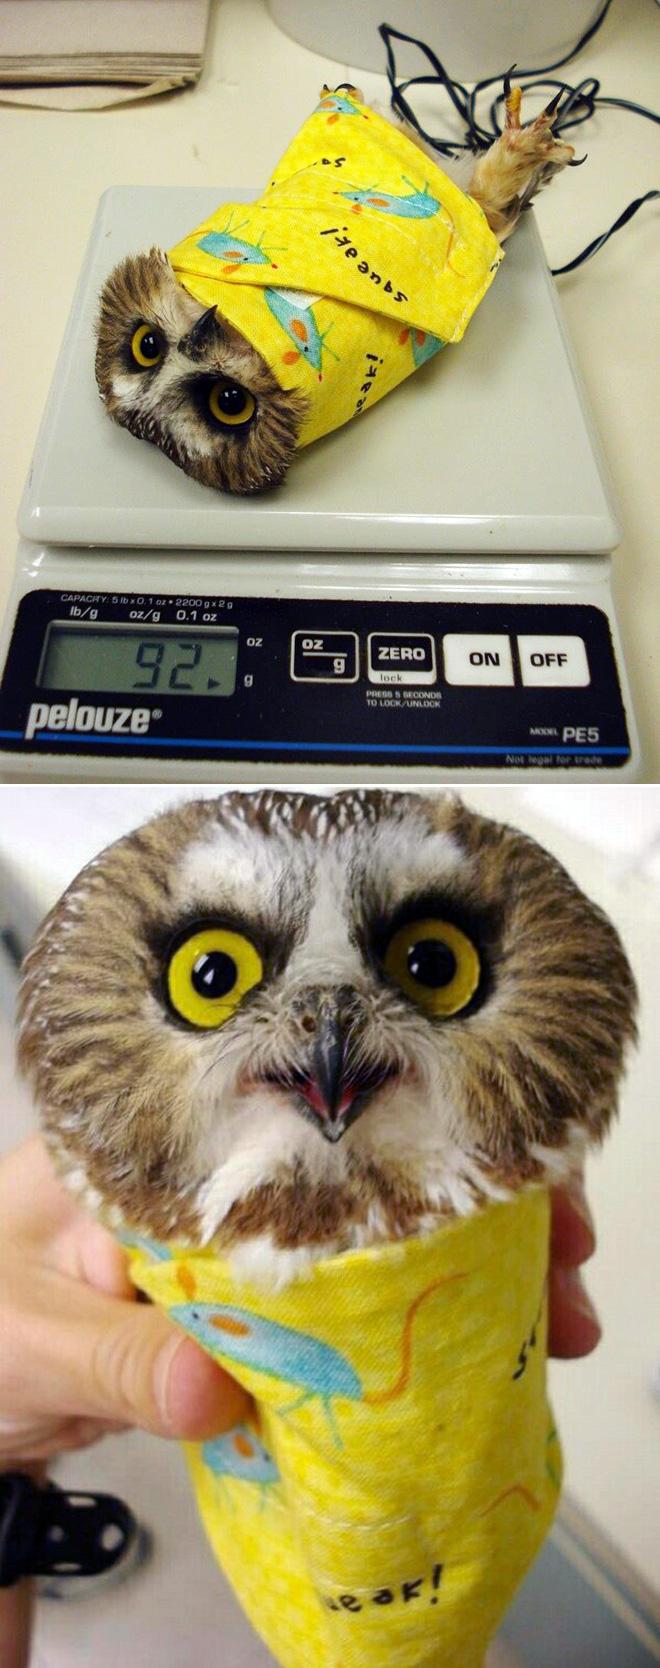 Weighing an owl.